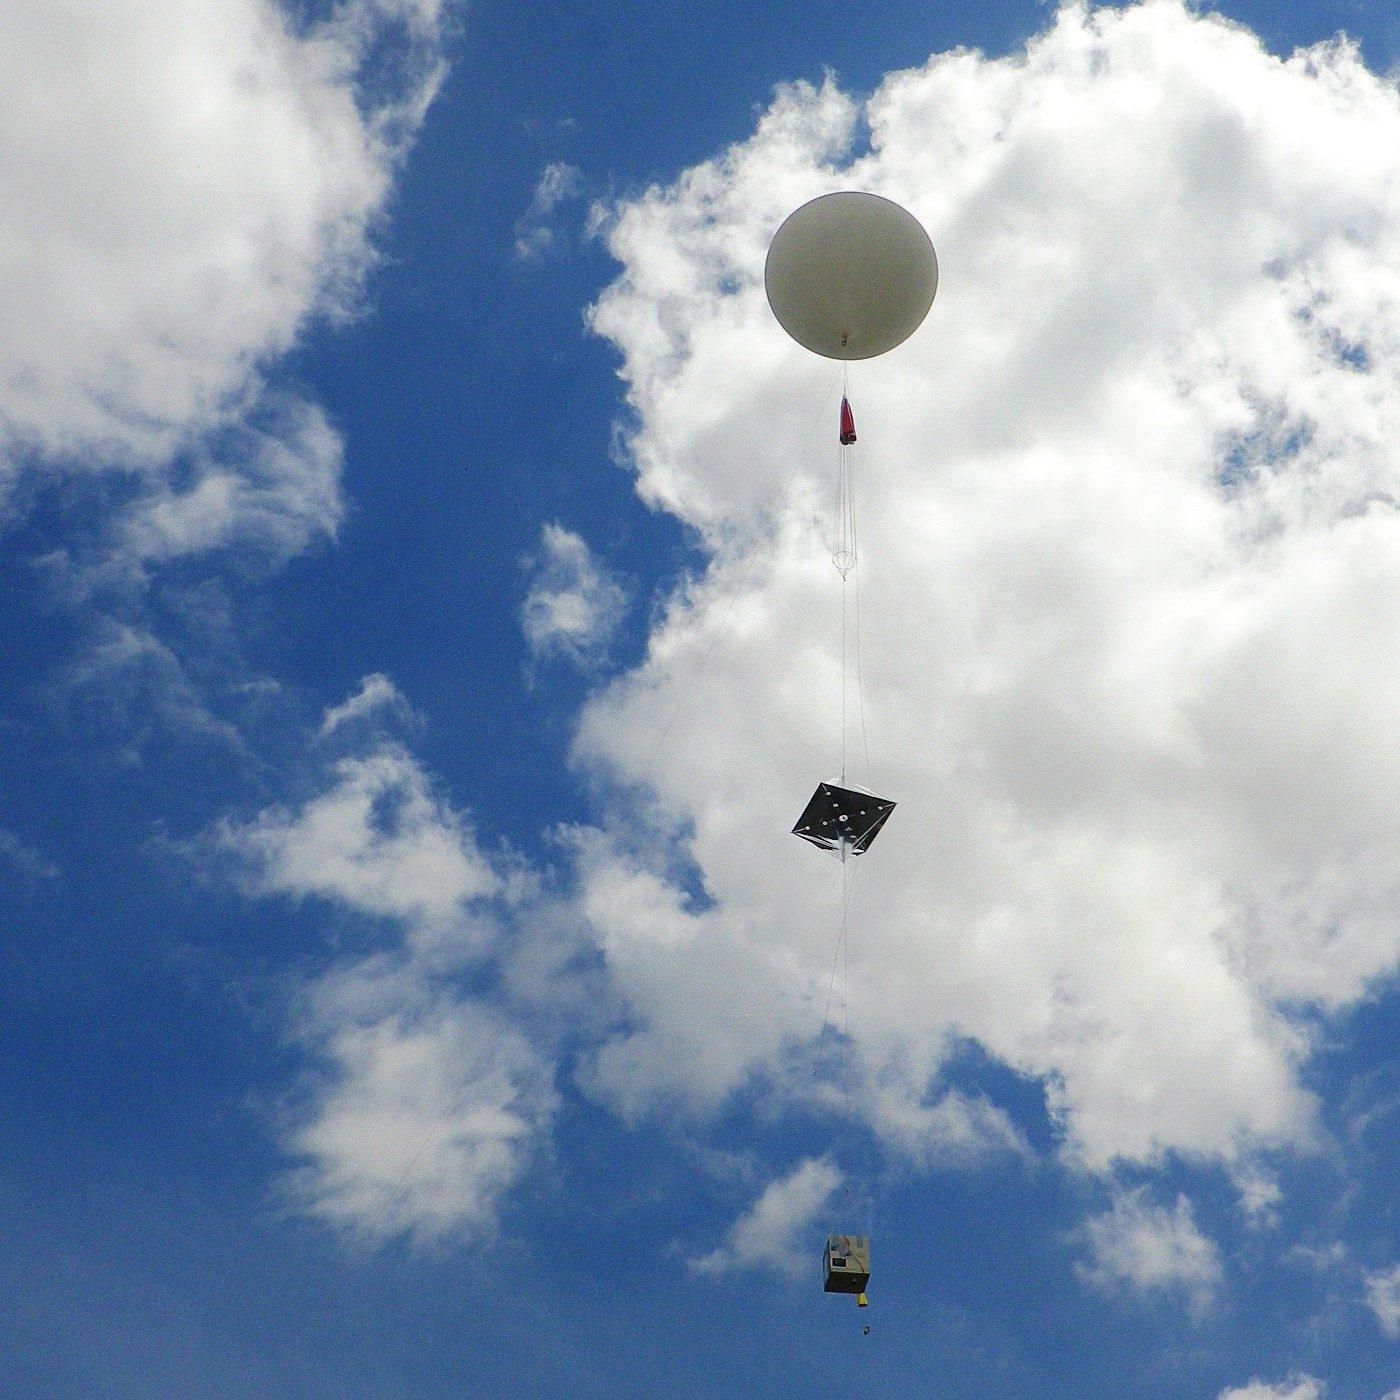 Photo d'un ballon sonde.Ballon gonflé à l'hélium entraînant avec lui une nacelle